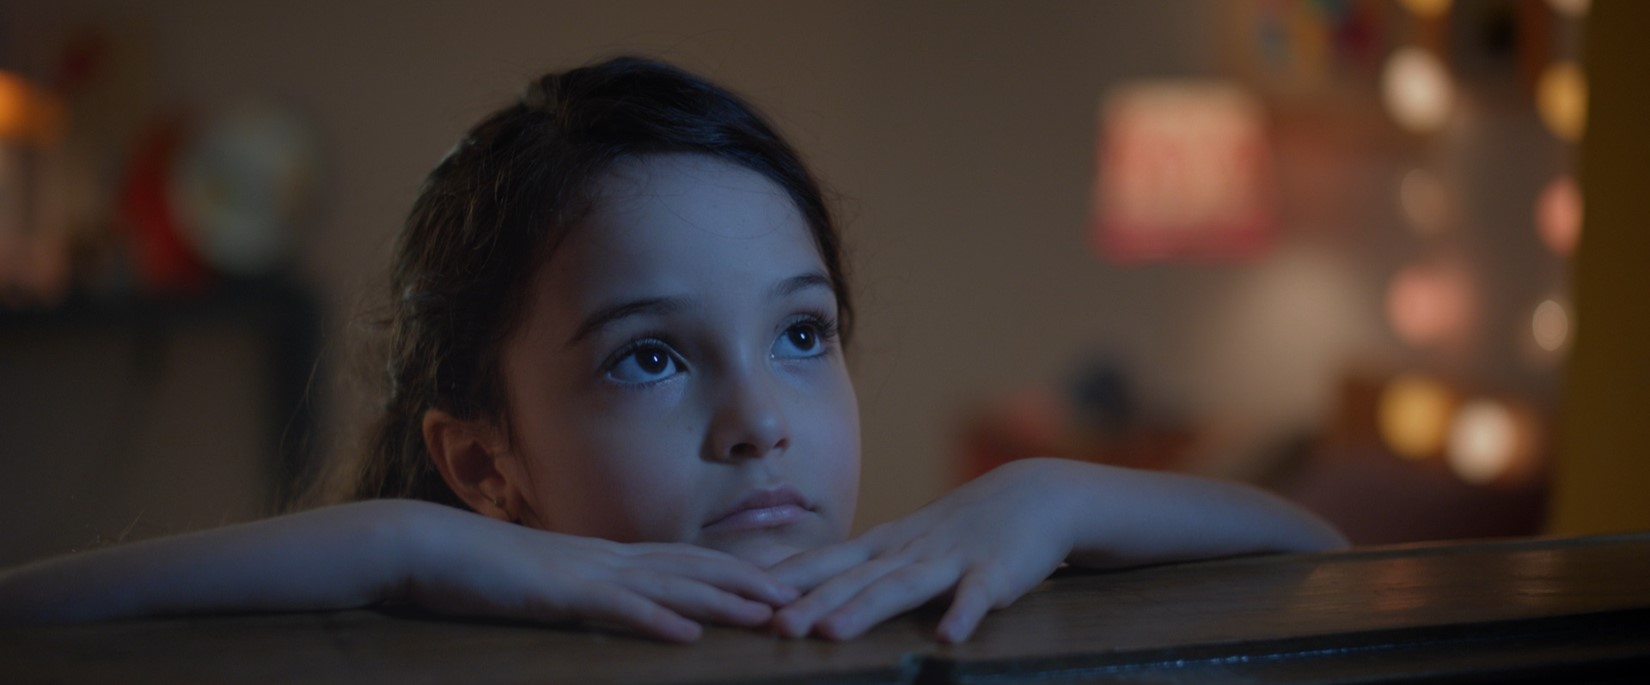 Uma menina apoiada em uma janela olha para o céu